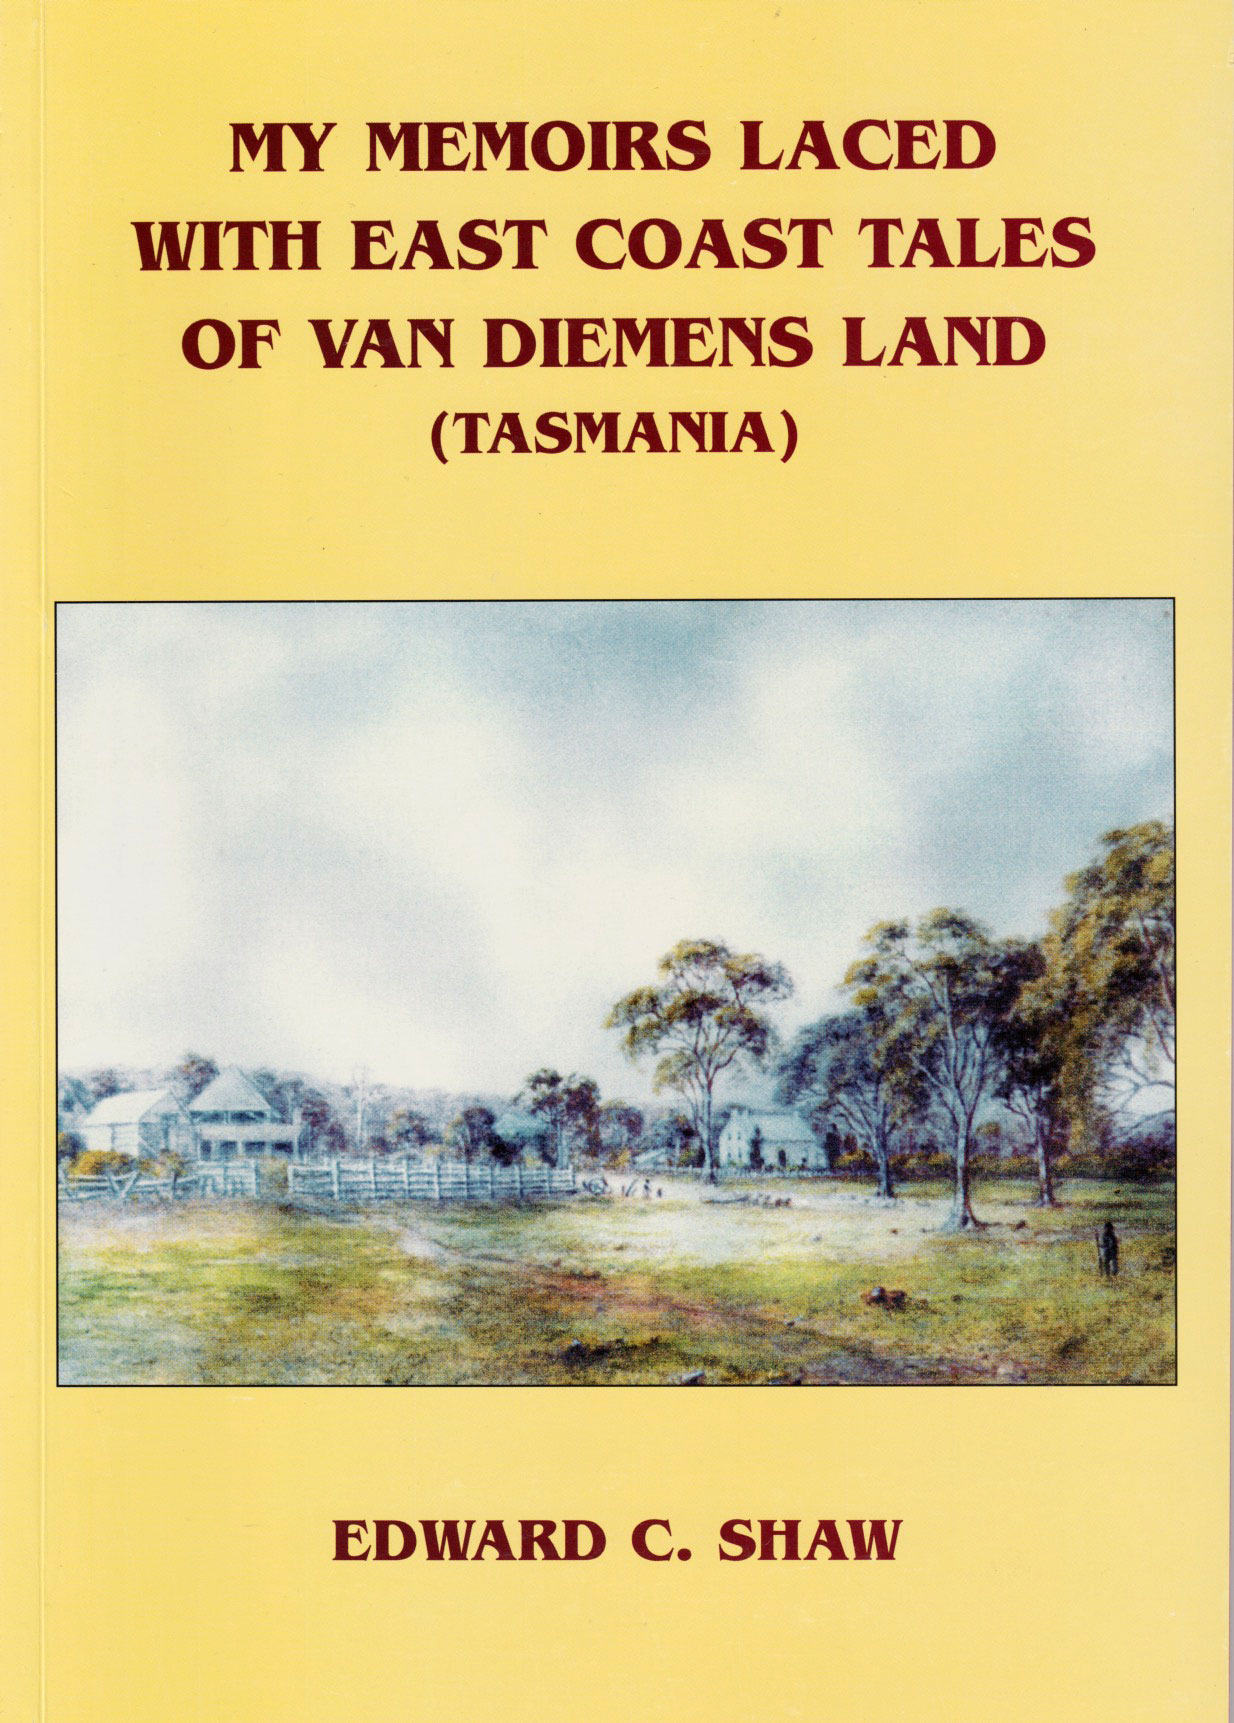 My Memoirs Laced with East Coast Tales of Van Diemen's Land (Tasmania)